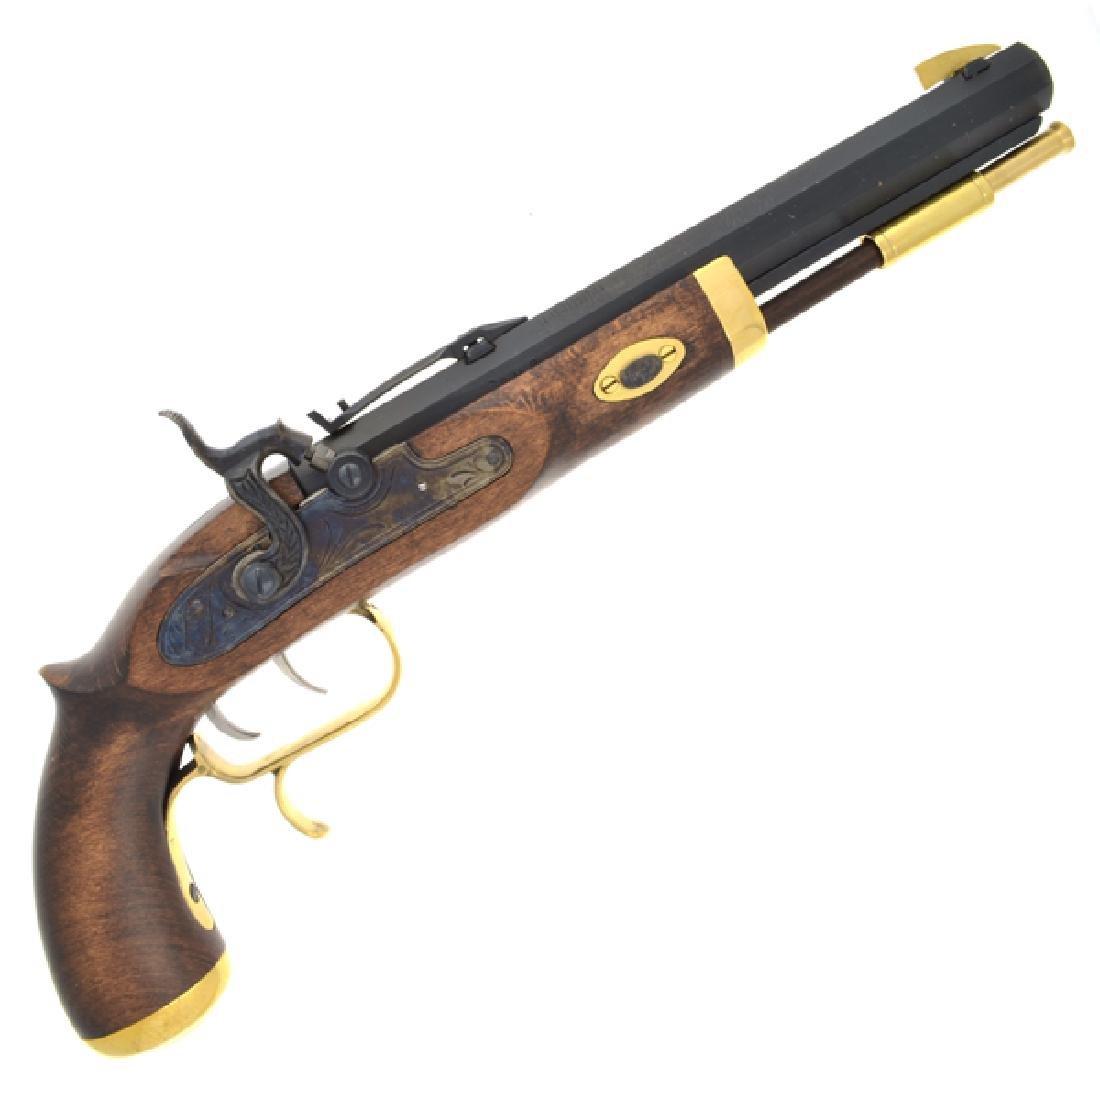 .50 Cal Blued Barrel Trapper Pistol (No Gun Sales To: